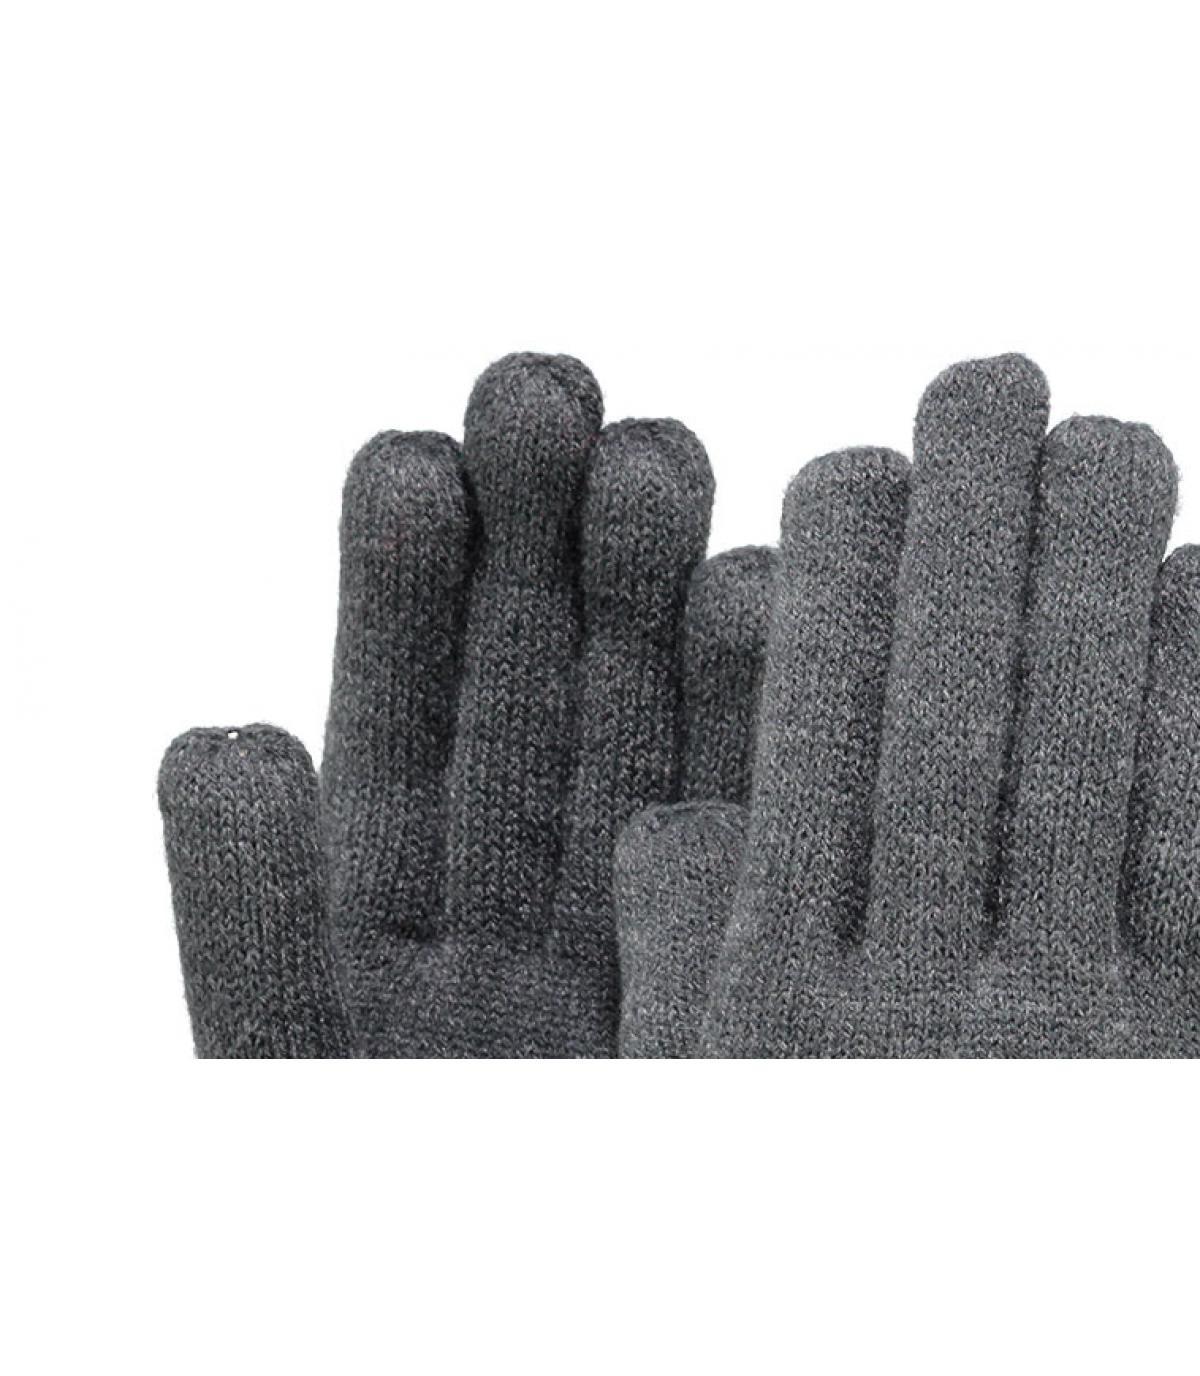 Details Fijne gebreide handschoenen donkergrijs - afbeeling 2